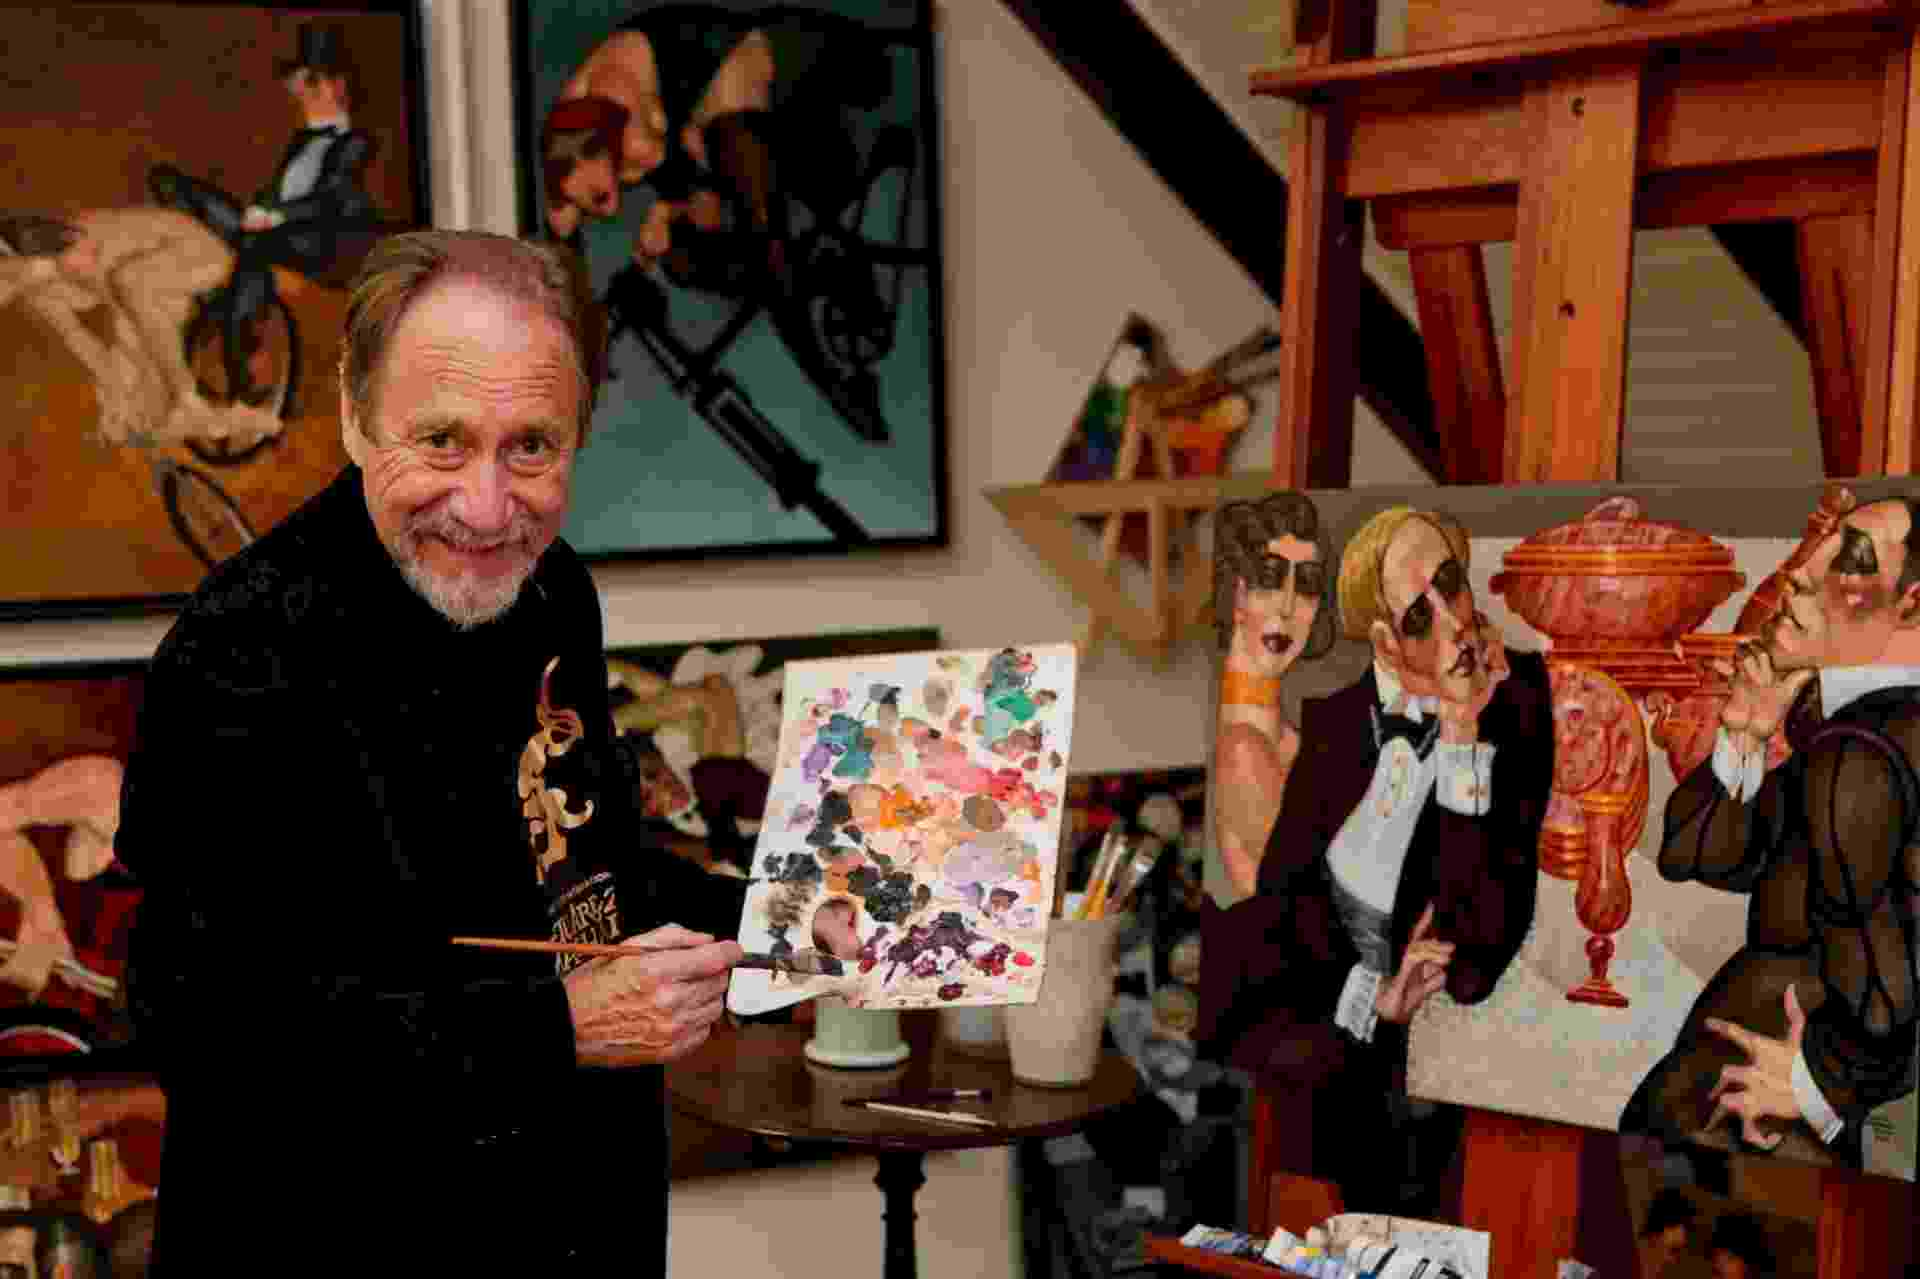 """O pintor catarinense Juarez Machado, cuja obra inspirou as cores do filme francês """"O Fabuloso Destino de Amélie Poulain"""" (2001), de Jean-Pierre Jeunet - Divulgação"""